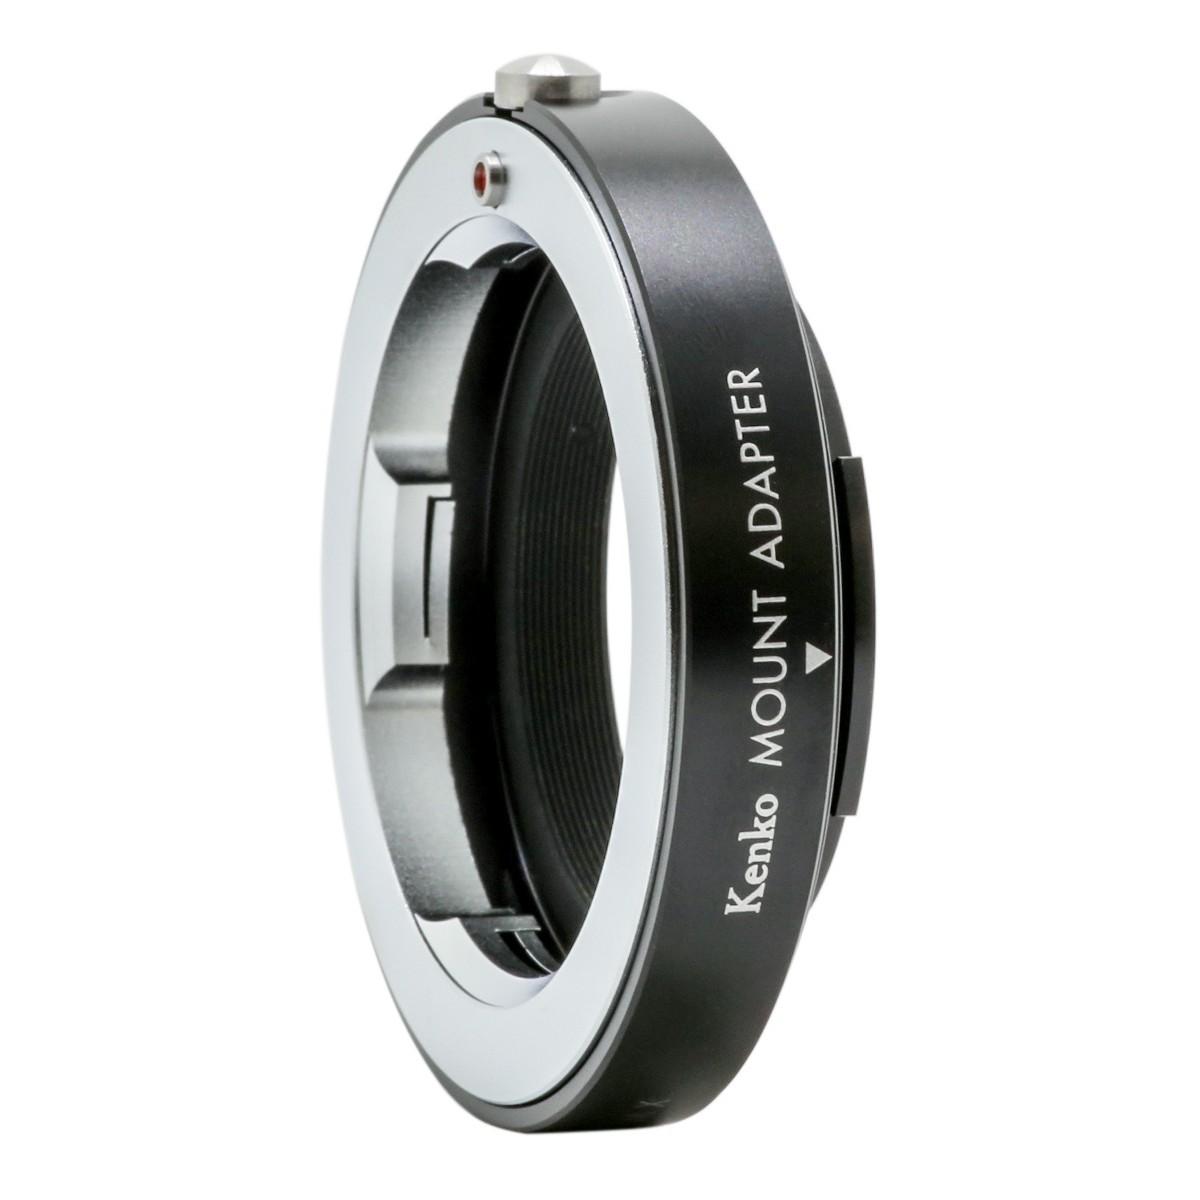 KENKO - Bague d'adaptation pour optiques en monture Leica M vers Fujifilm X.